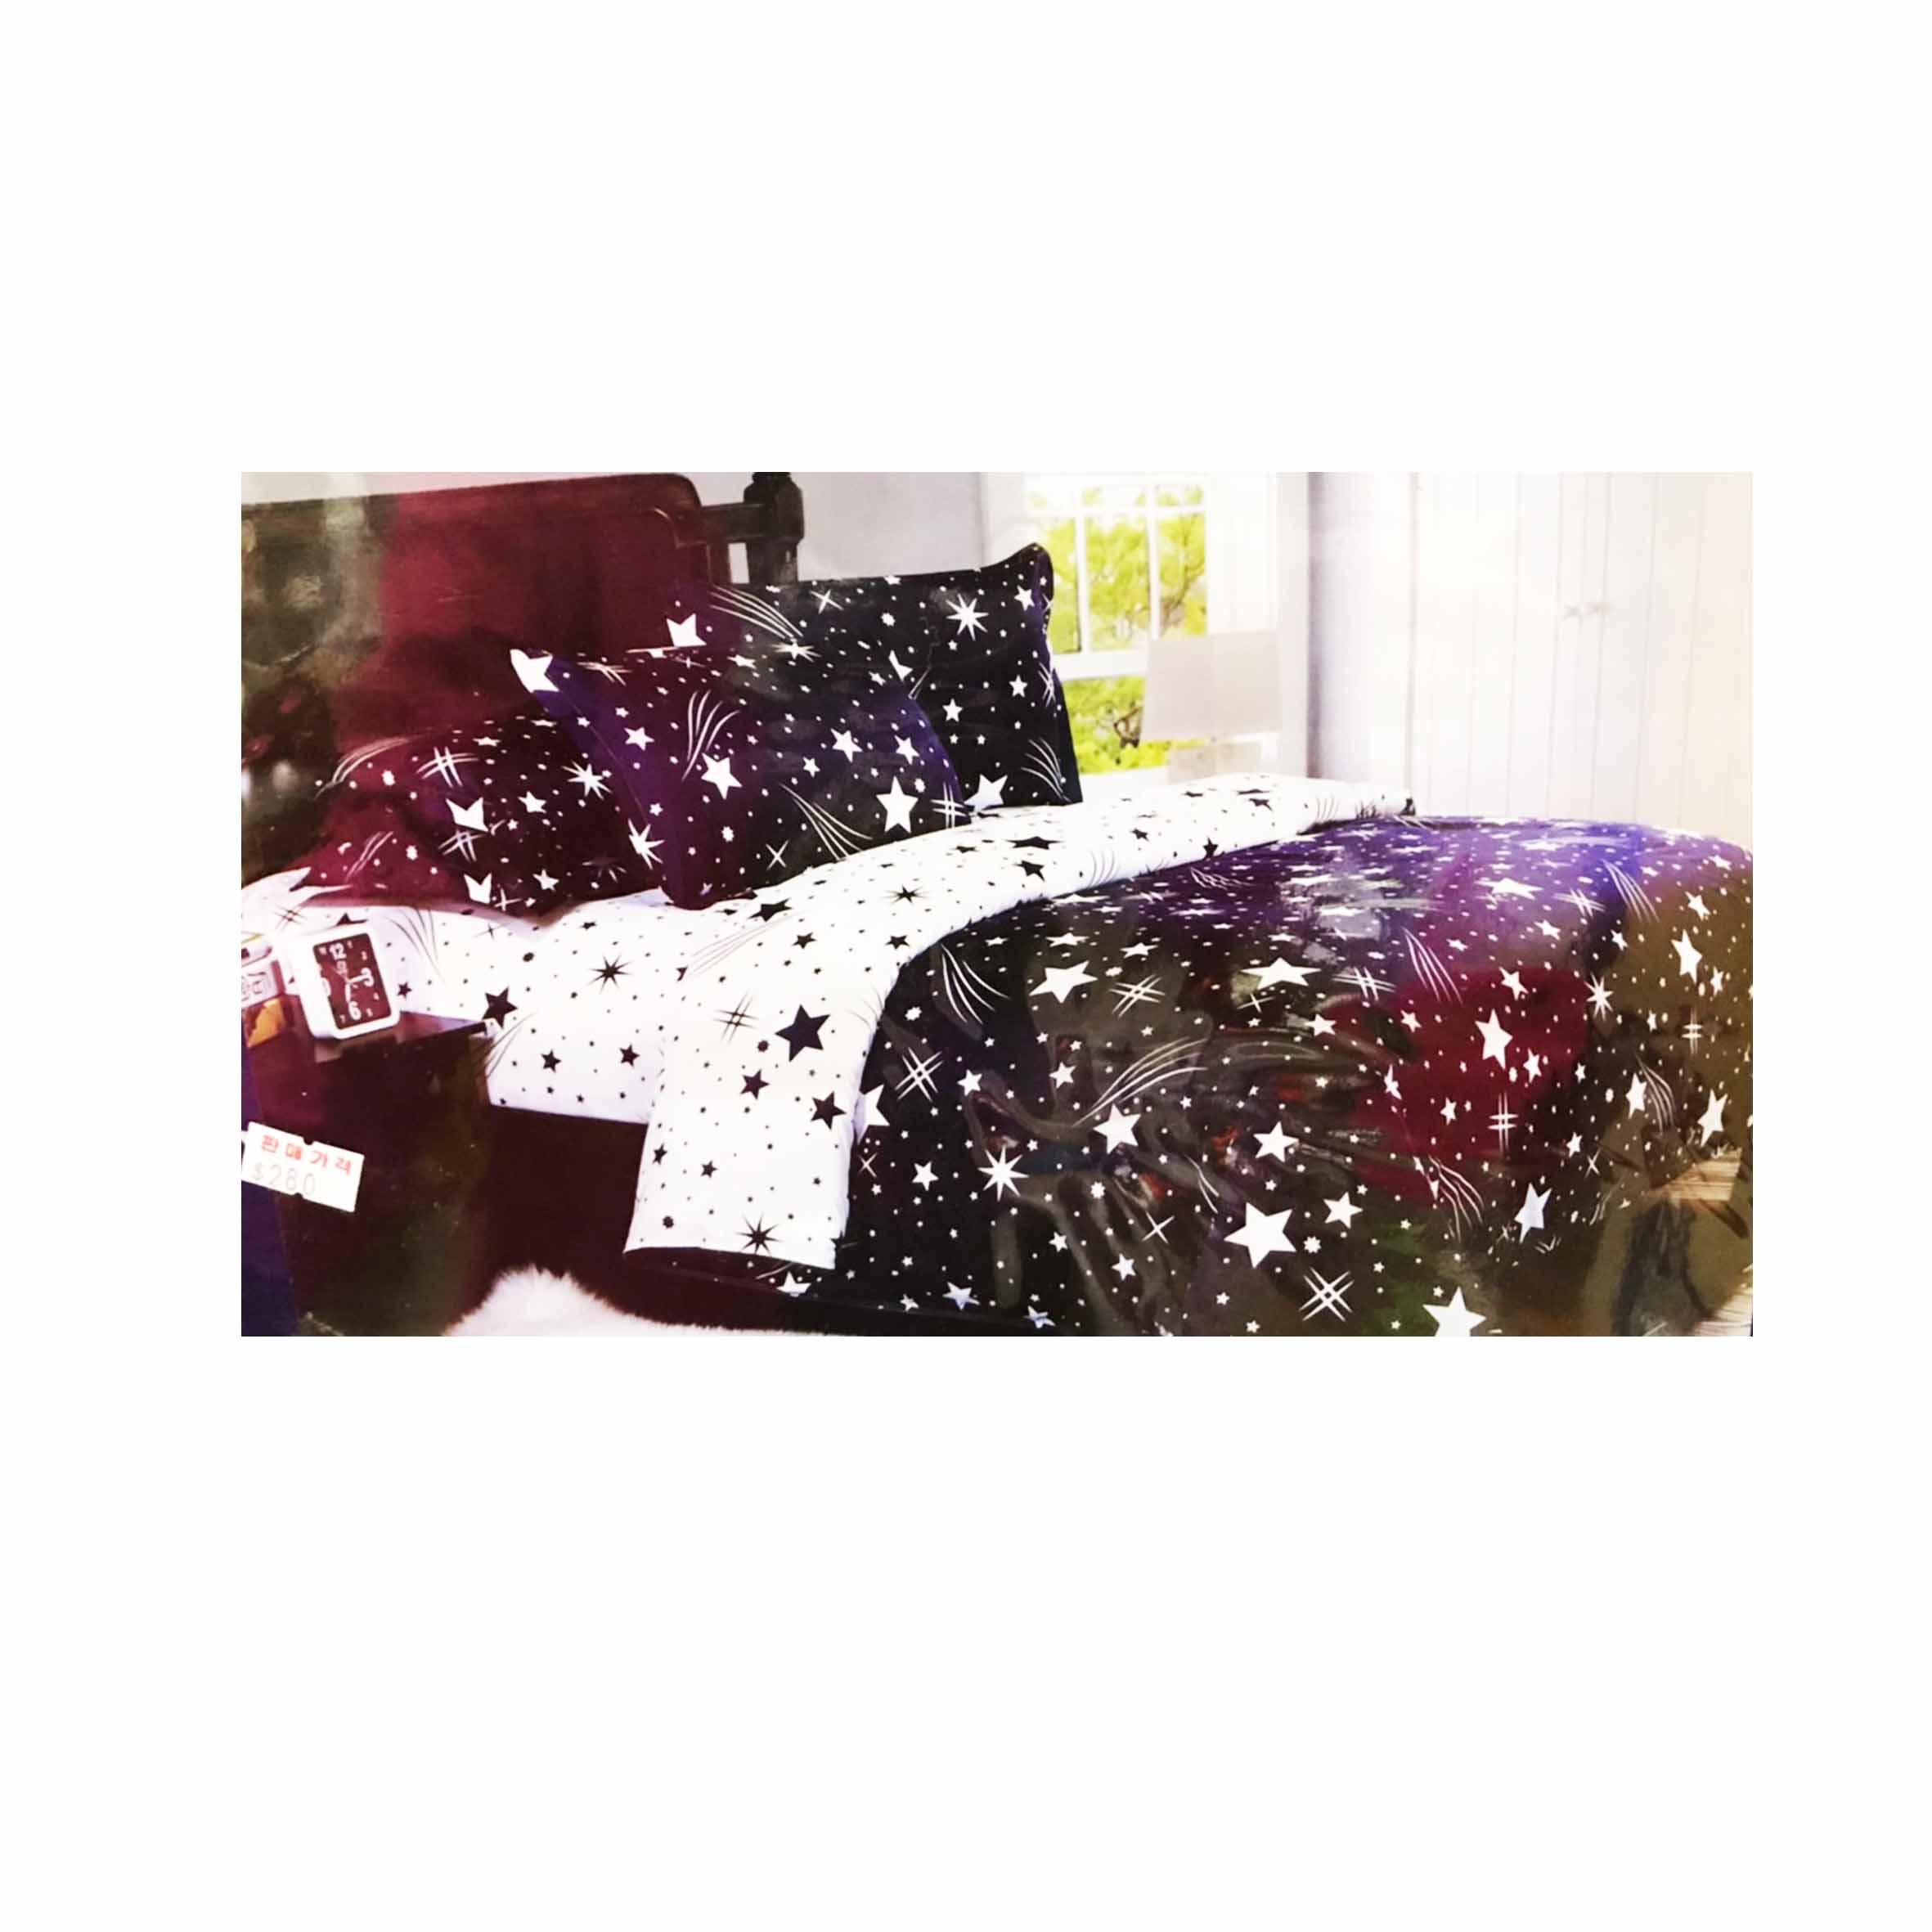 雙人鬆緊床包組 3件式 5x6.2尺 活性印染 -流星雨 藍色星星